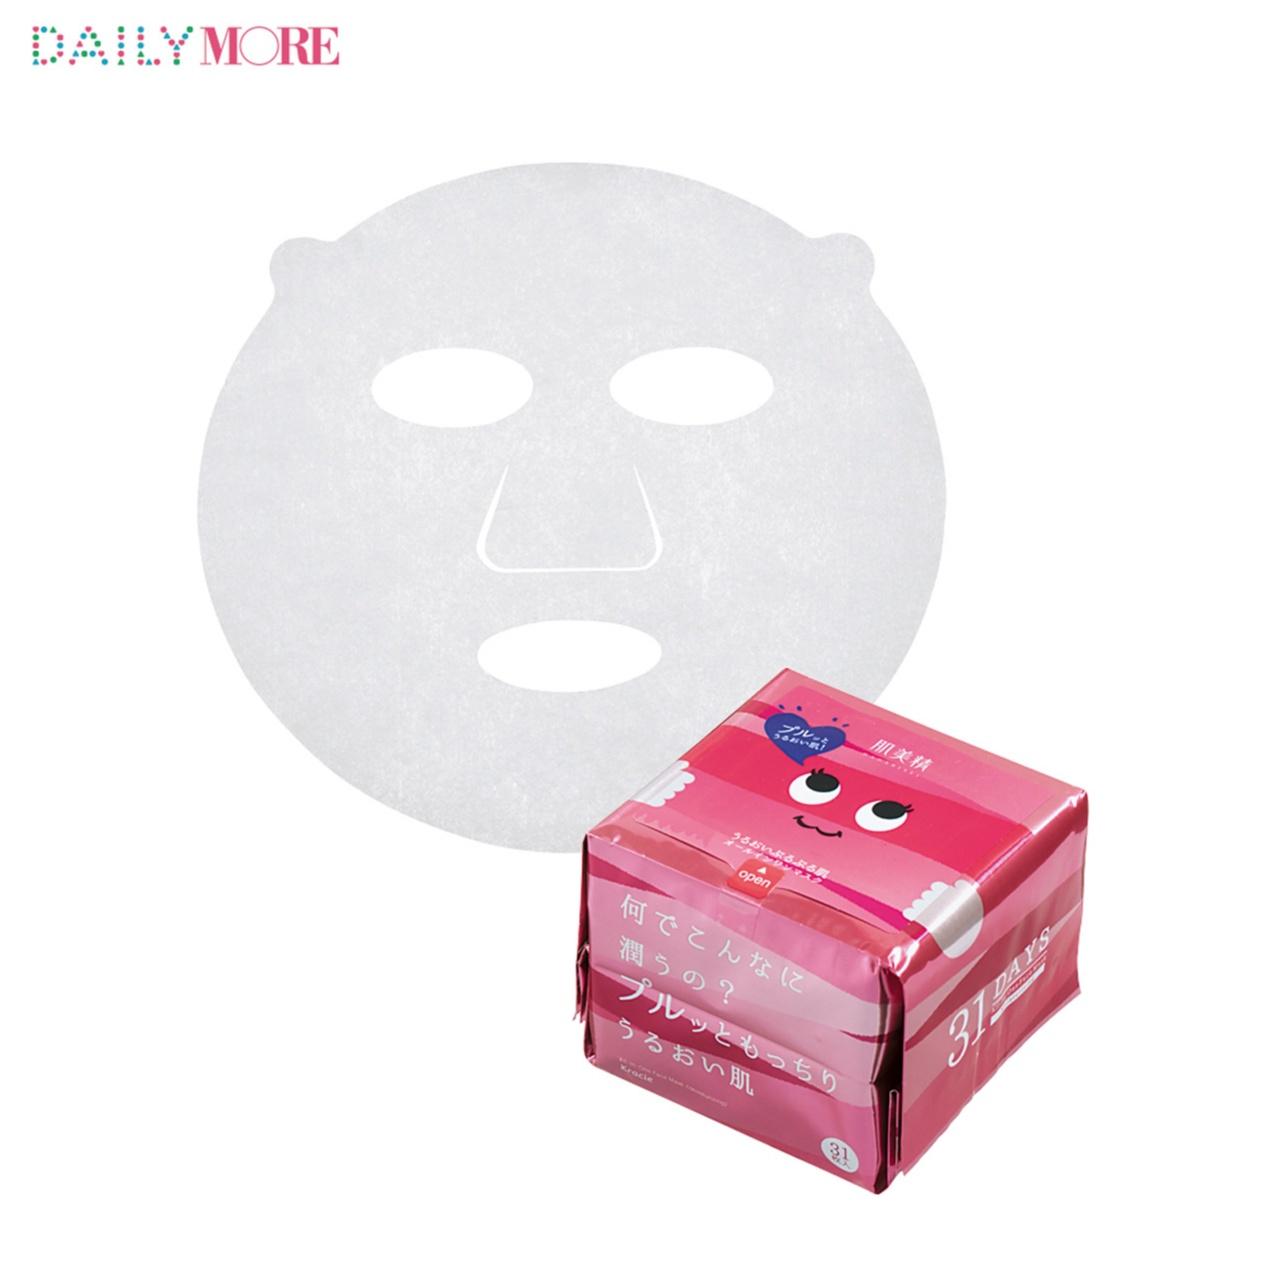 美プロが自腹買い! 肌にもお財布にも優しい「プチプラシートマスク」5選!【美女がハマる! 鬼買いパック&マスク】_1